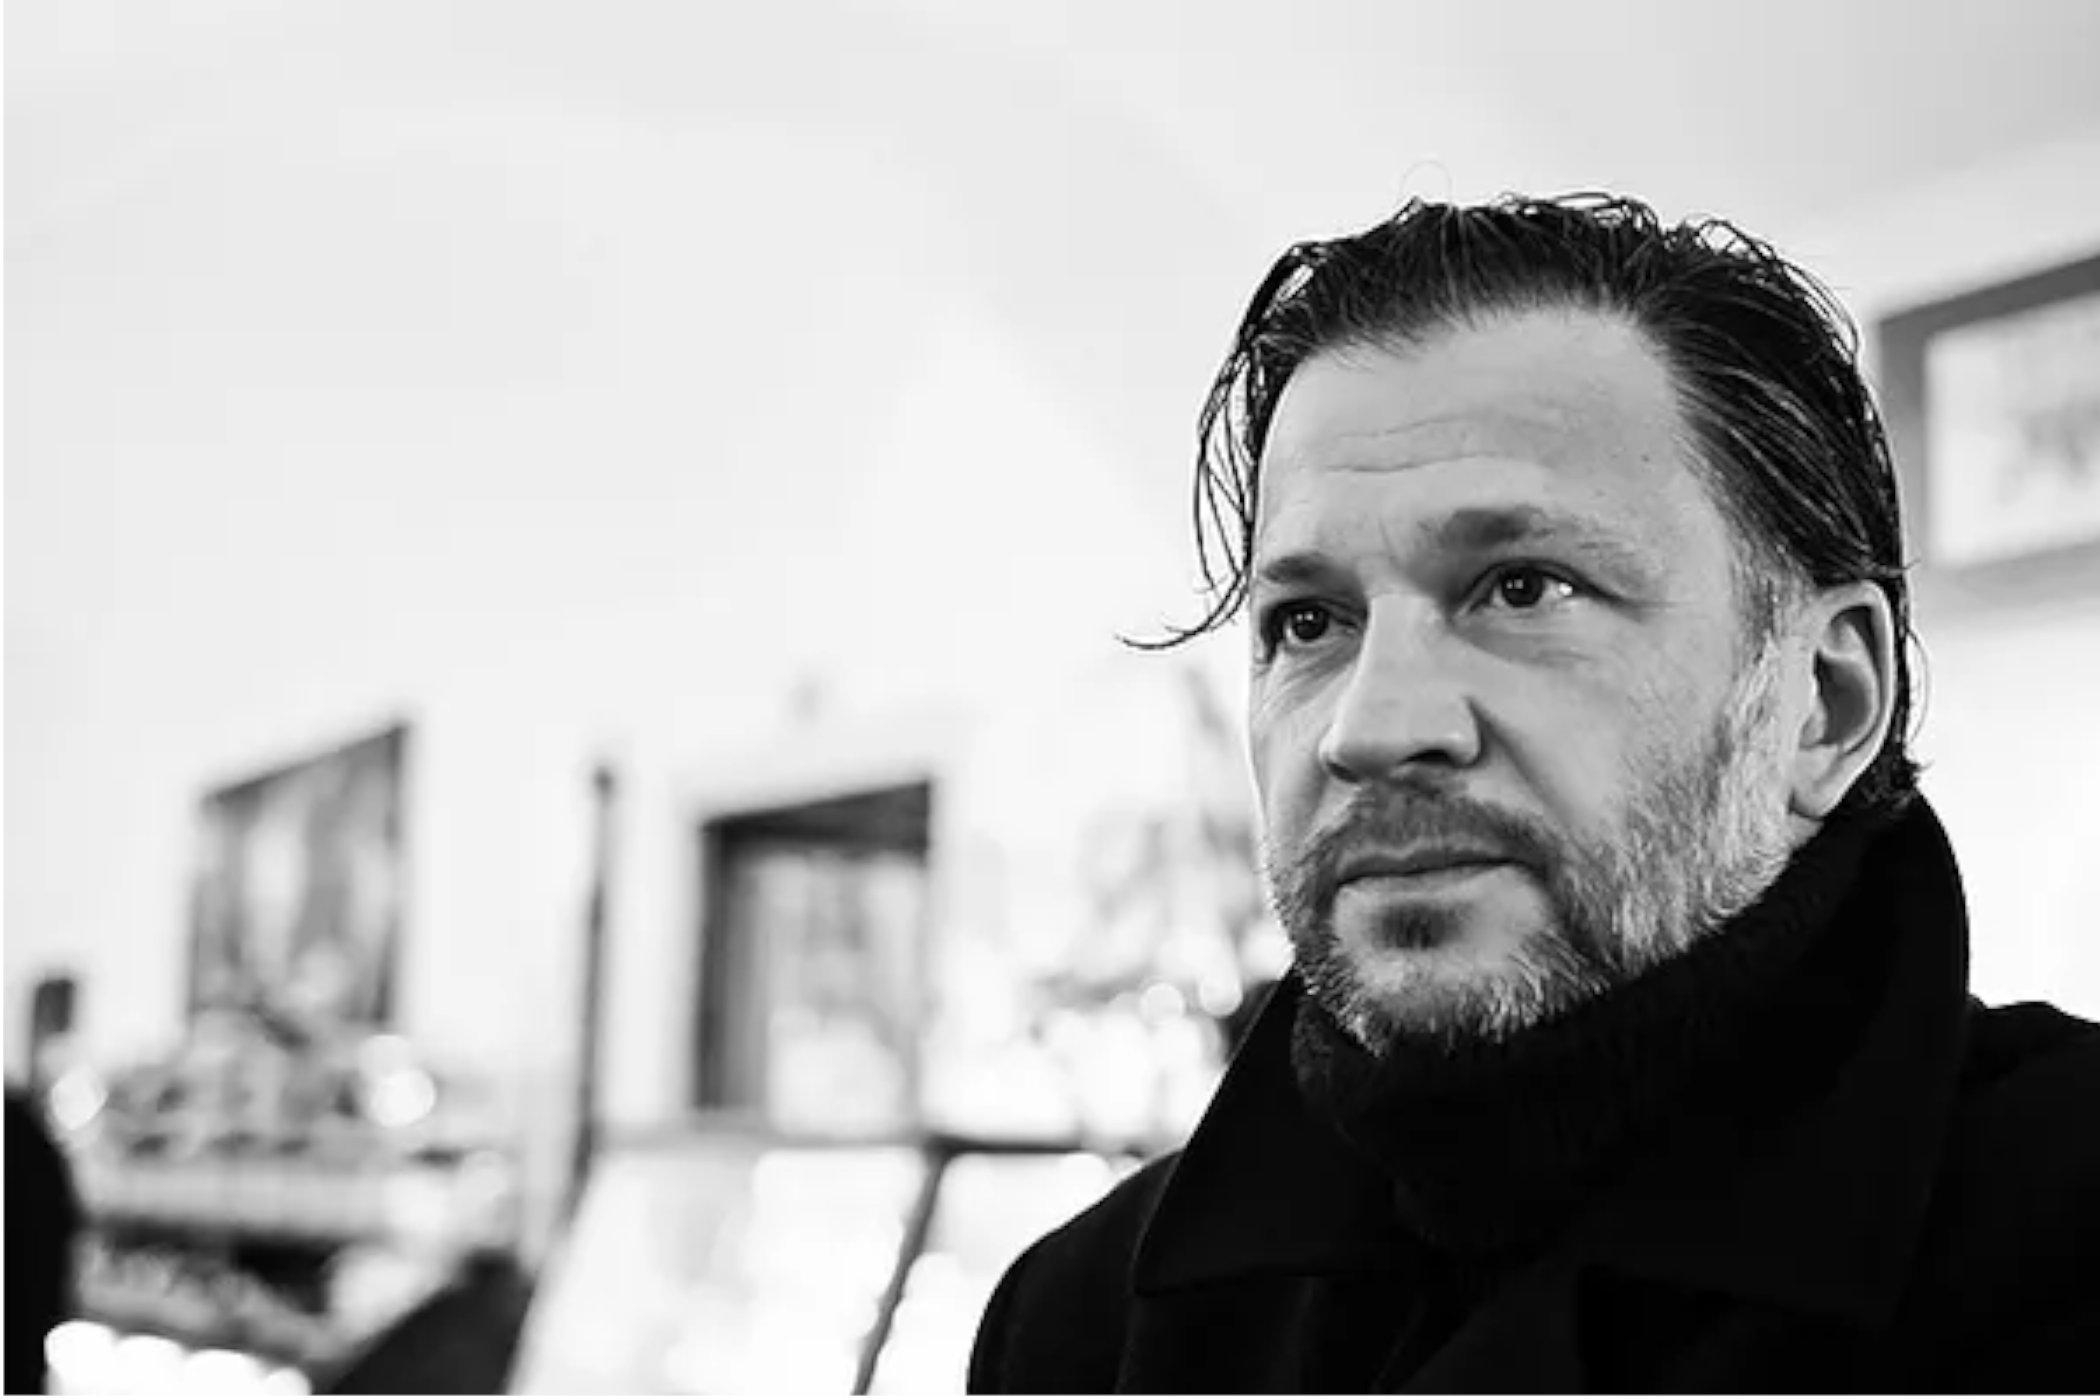 Christian Gafner Head of Brand and Design for Ochs Junior